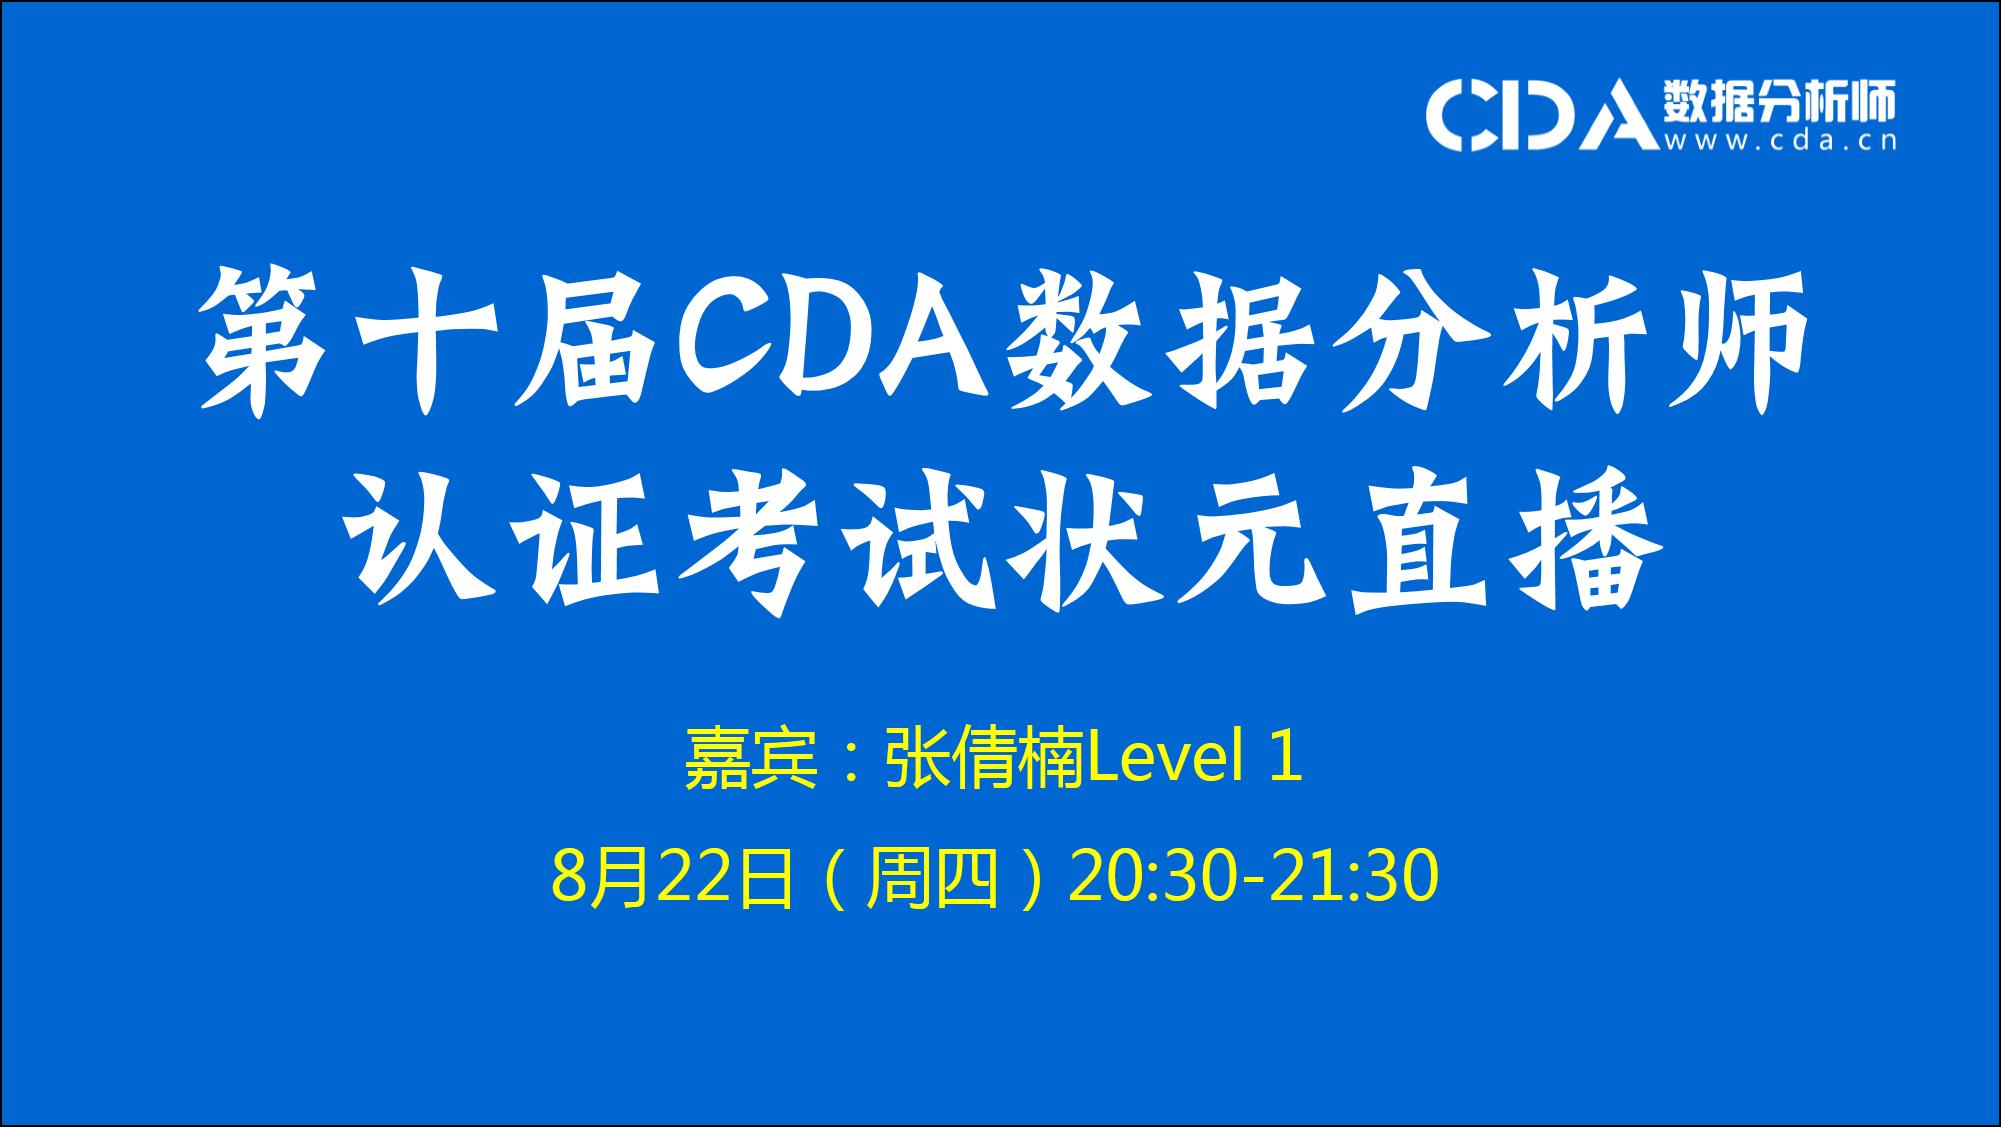 第十届CDA数据分析师状元考试Level 1高分经验分享(一)